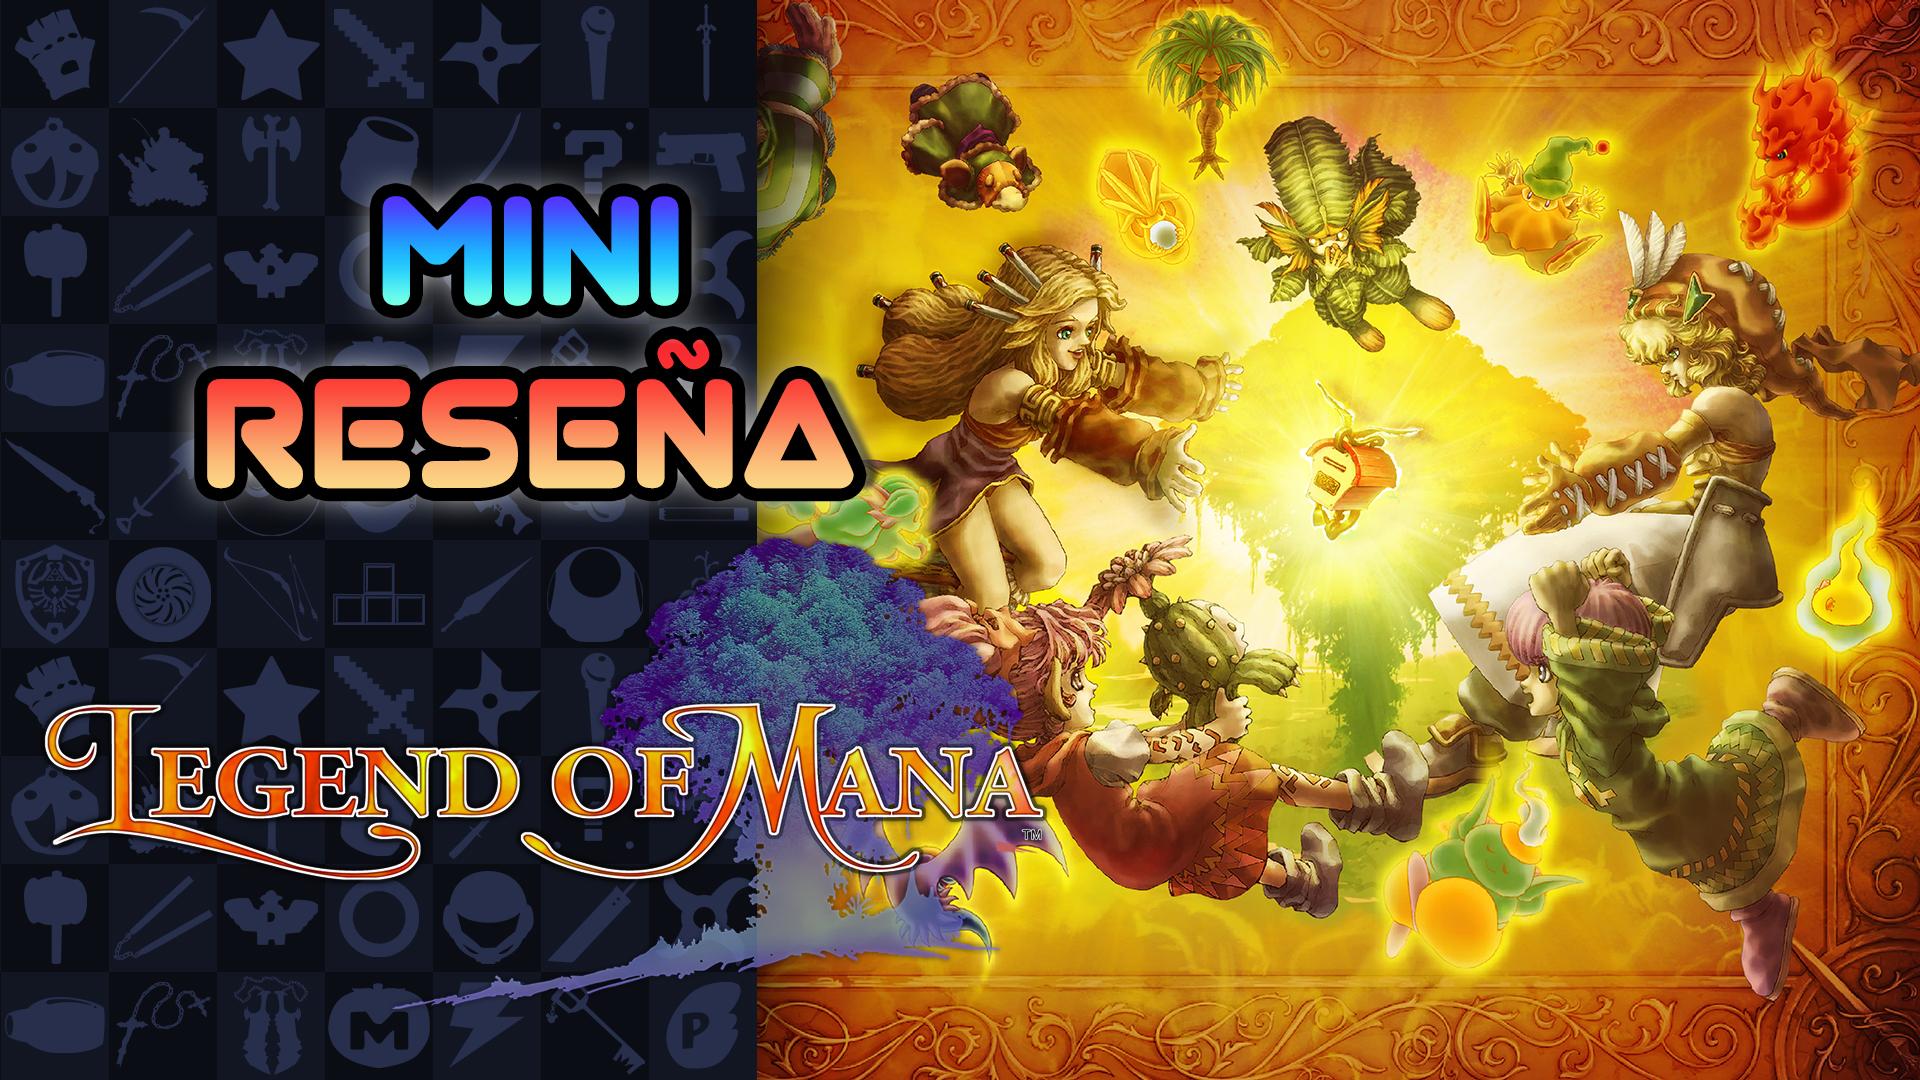 Mini Reseña Legend of Mana – Un JRPG muy peculiar